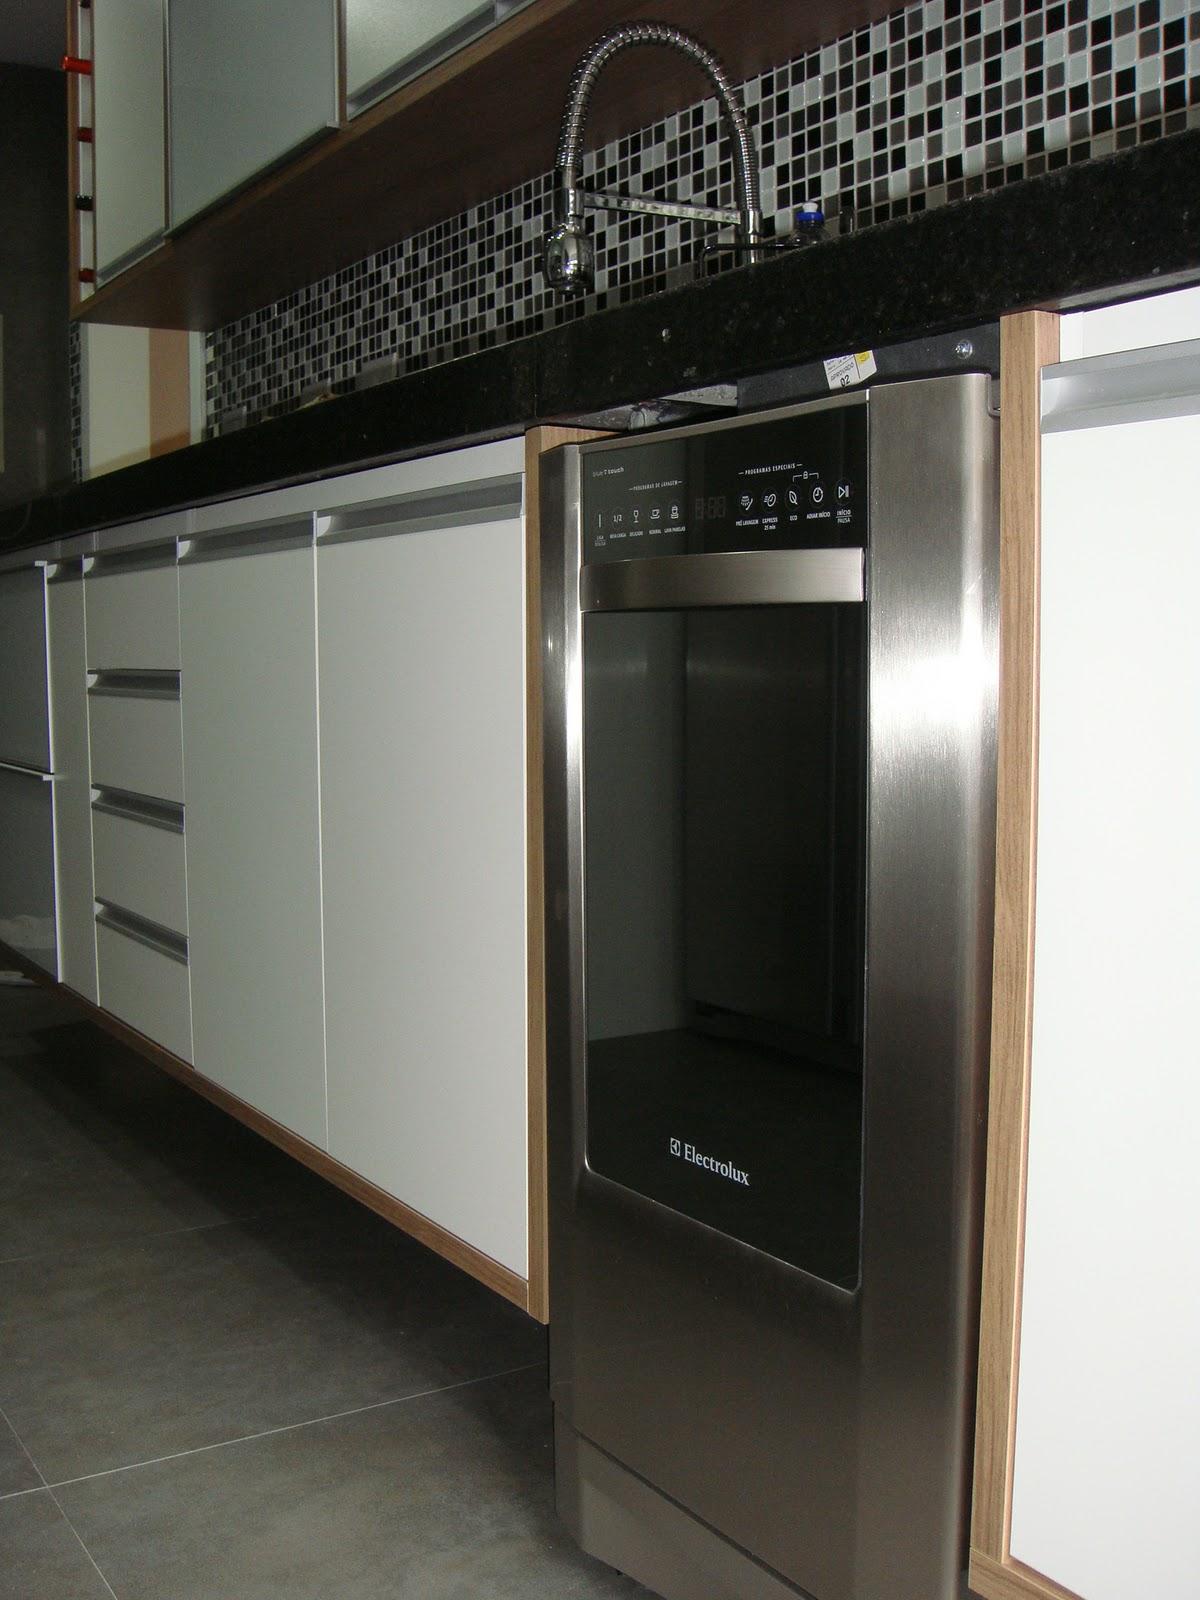 #836648 Braga's Home: Cozinha 1200x1600 px Projetos De Cozinhas Brastemp #439 imagens